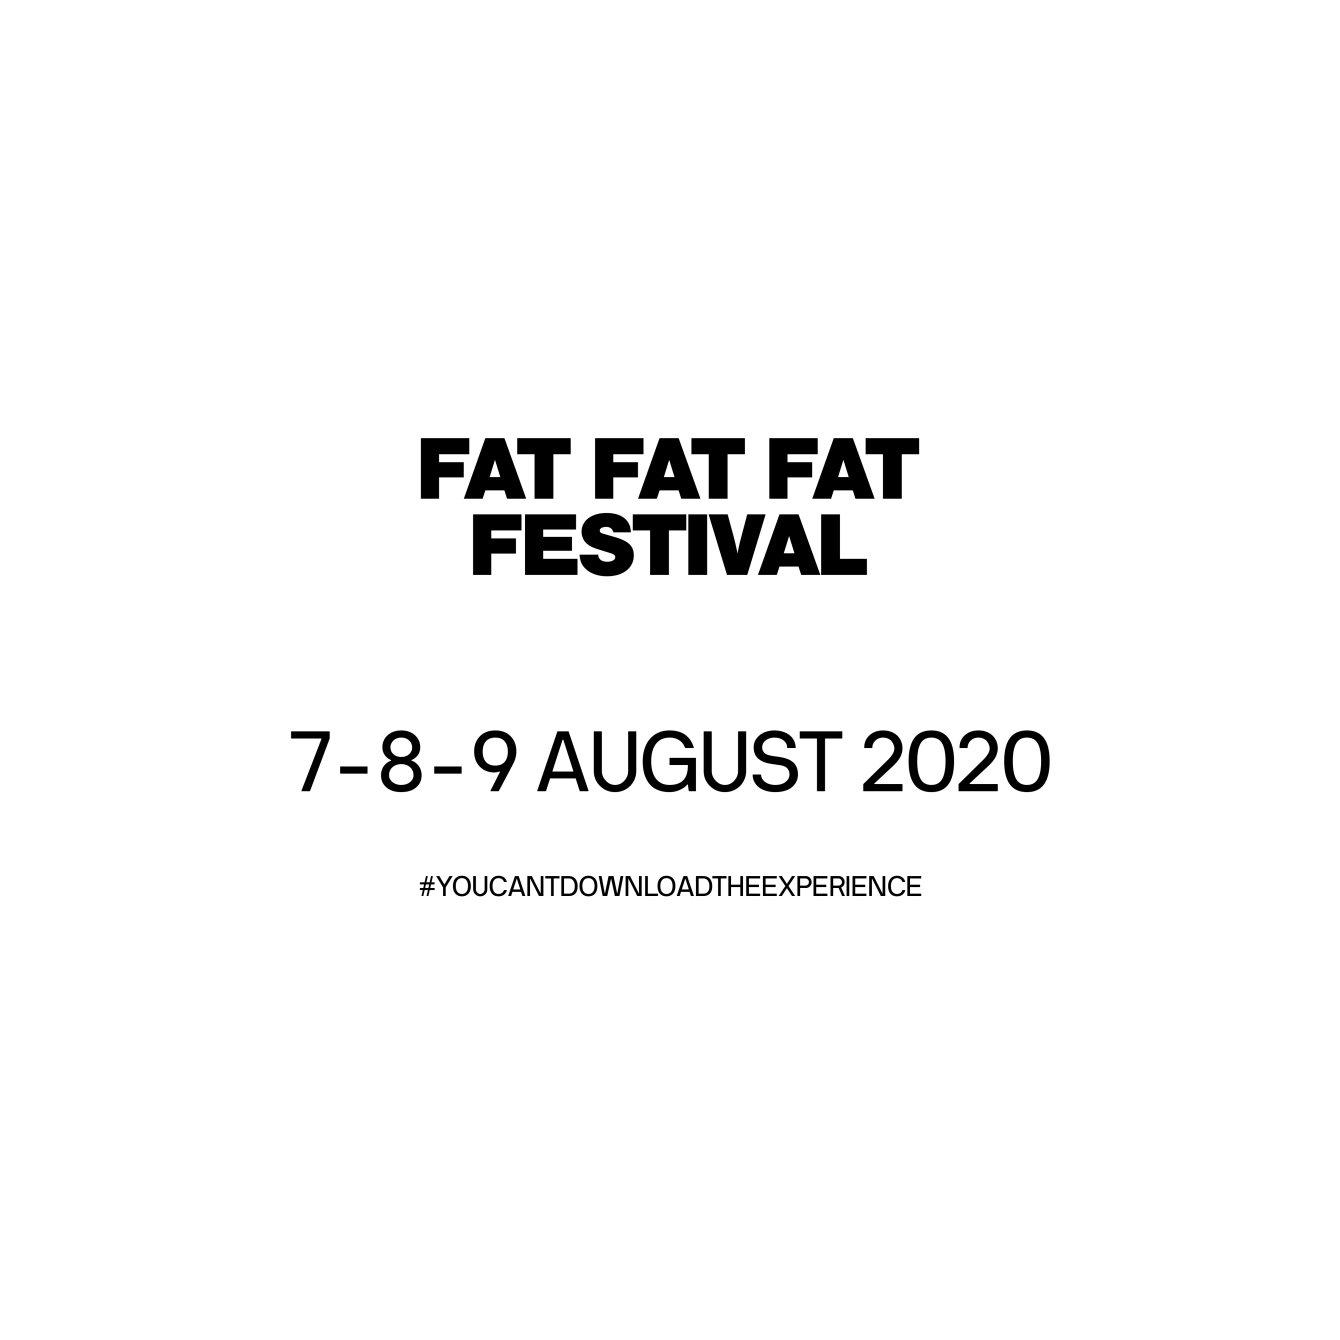 [POSTPONED] FAT FAT FAT Festival 2020 - Flyer front